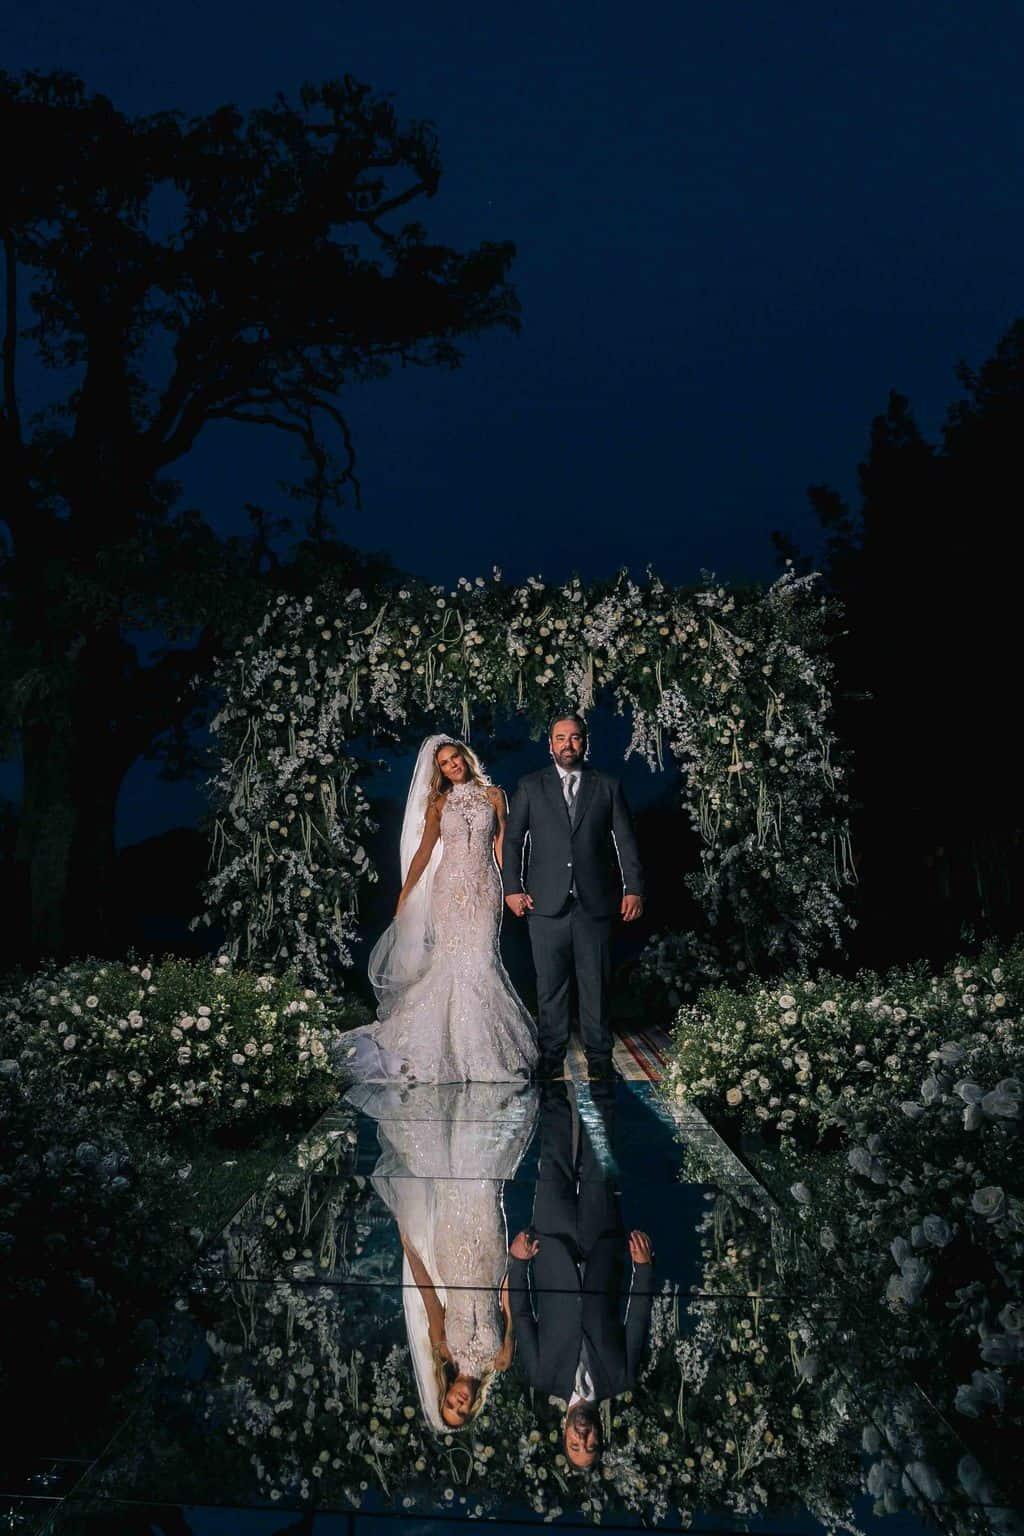 casamento-Marcela-e-Luciano-foto-dos-noivos-fotografia-Torin-Zanette-fotos-a-tarde19